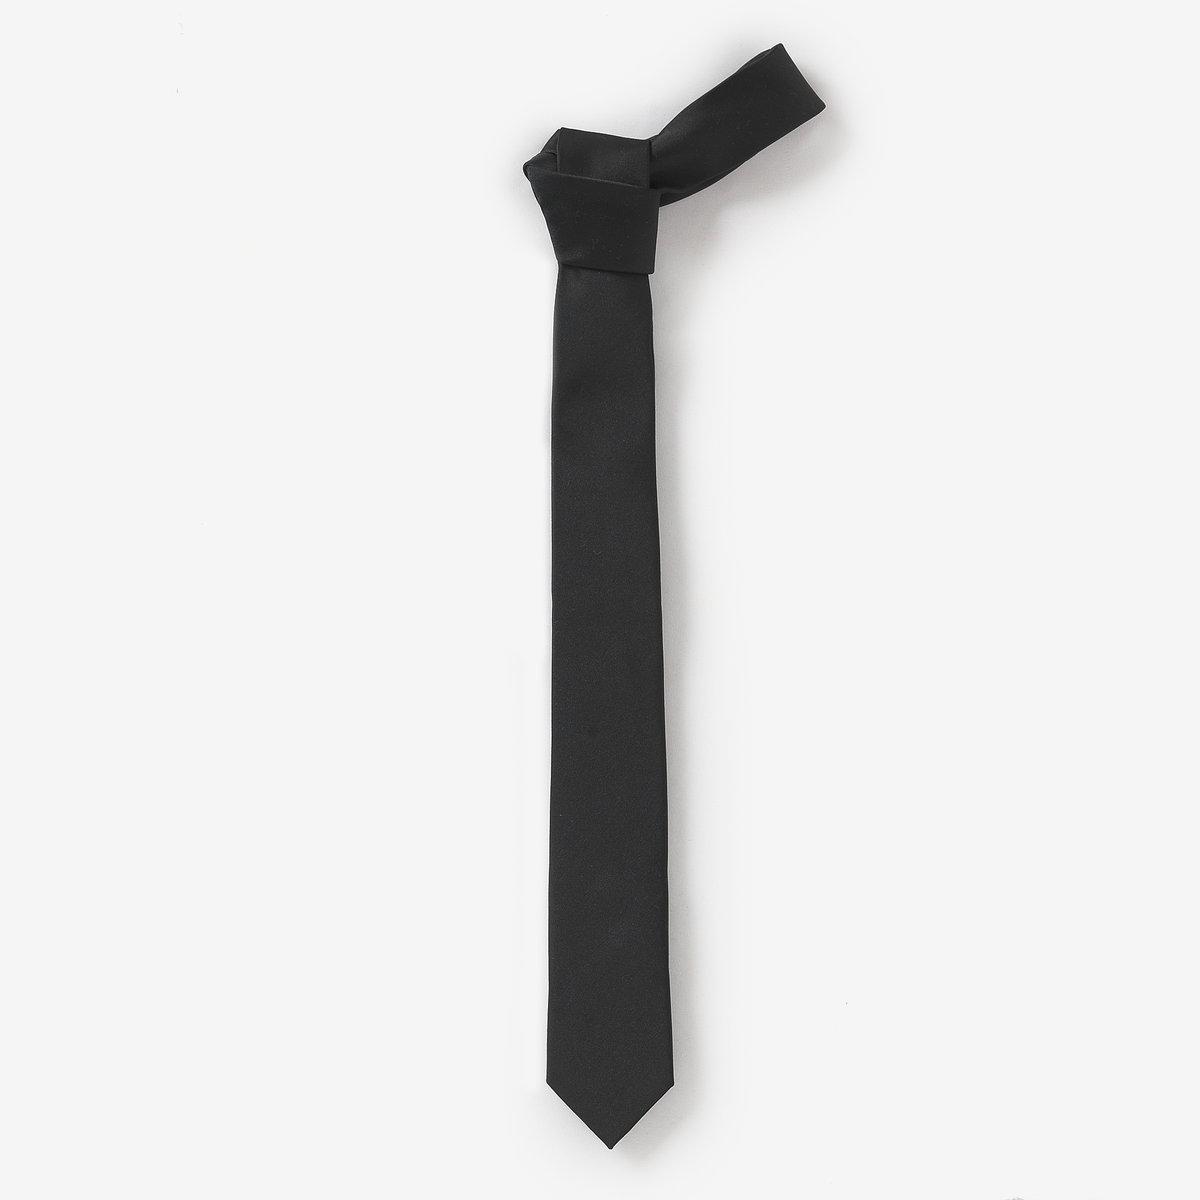 ГалстукТонкий галстук. Бренд: R Essentiel. 100% полиэстера.<br><br>Цвет: черный<br>Размер: единый размер